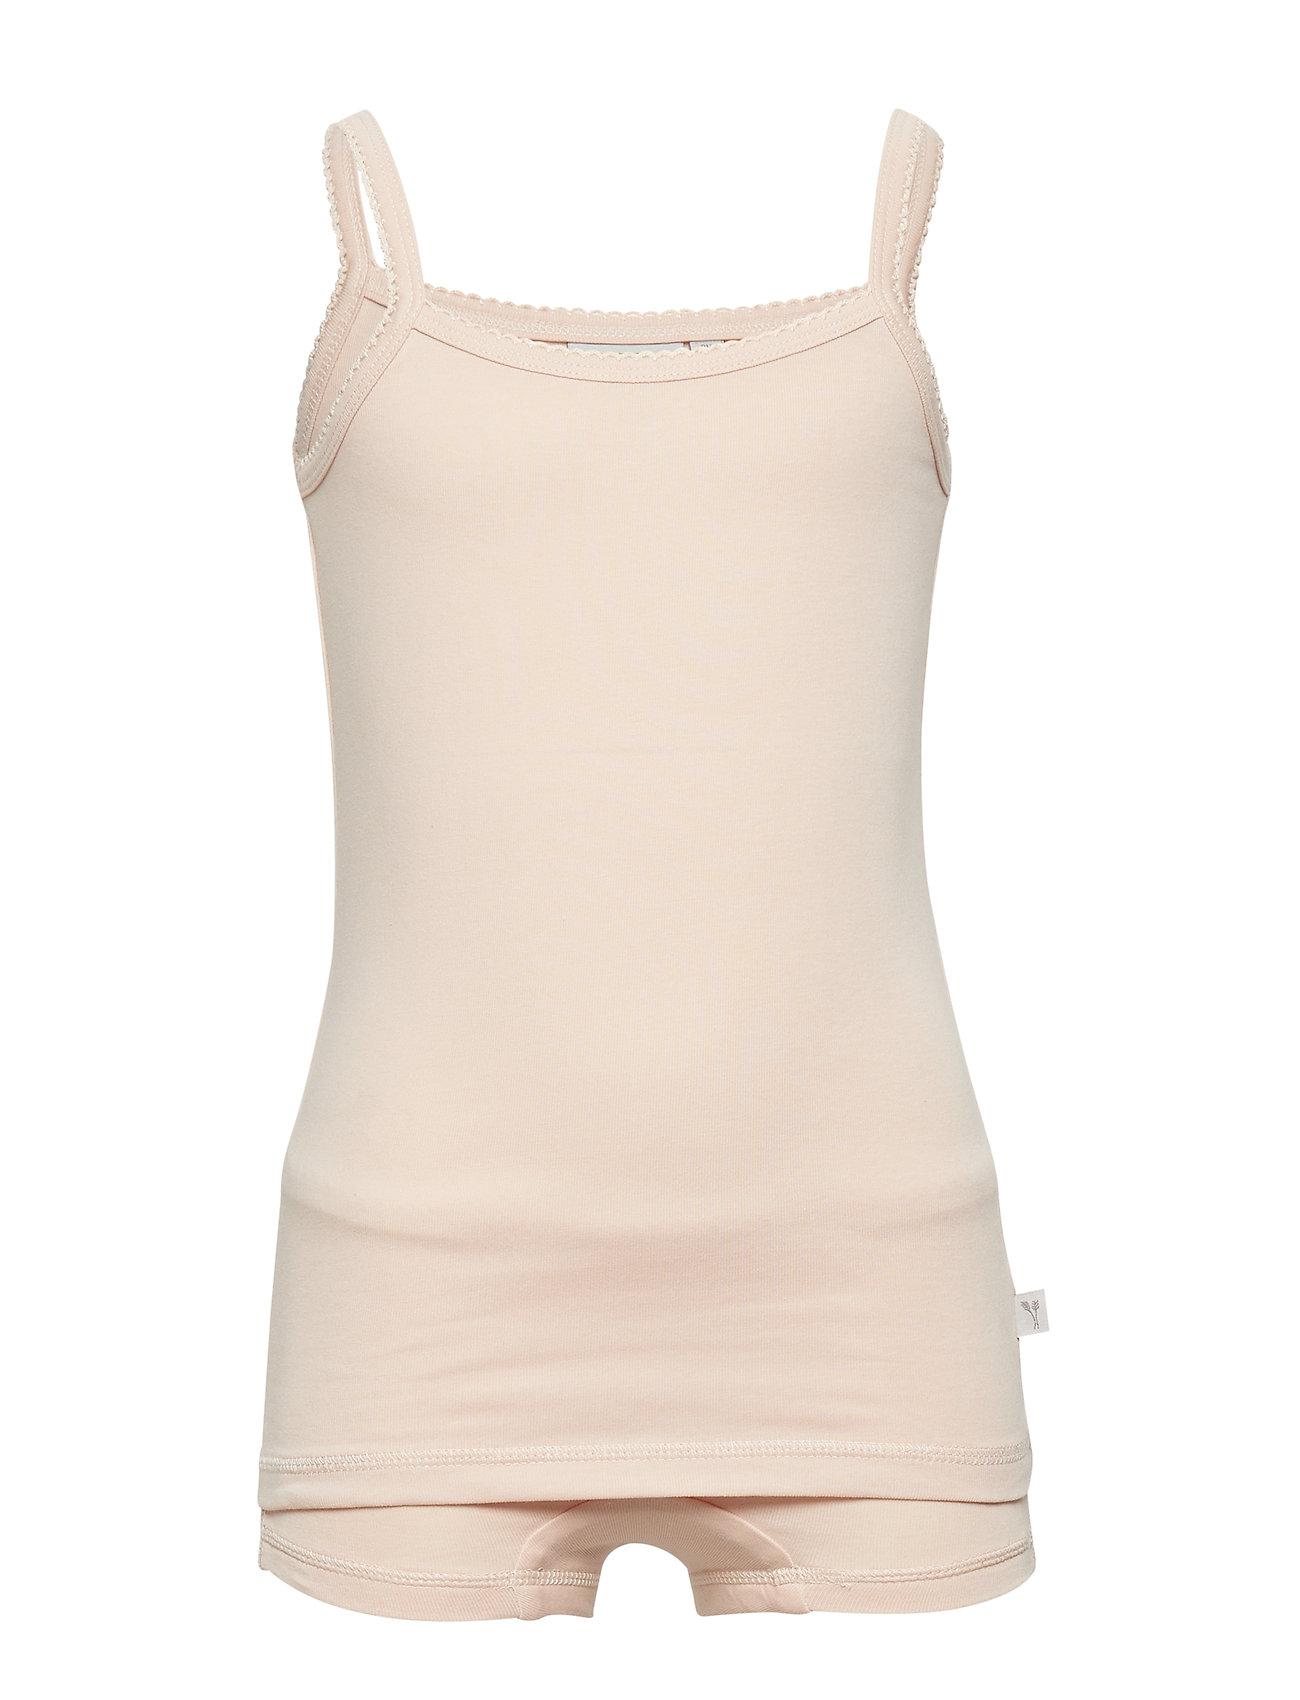 Wheat Girl Underwear - POWDER